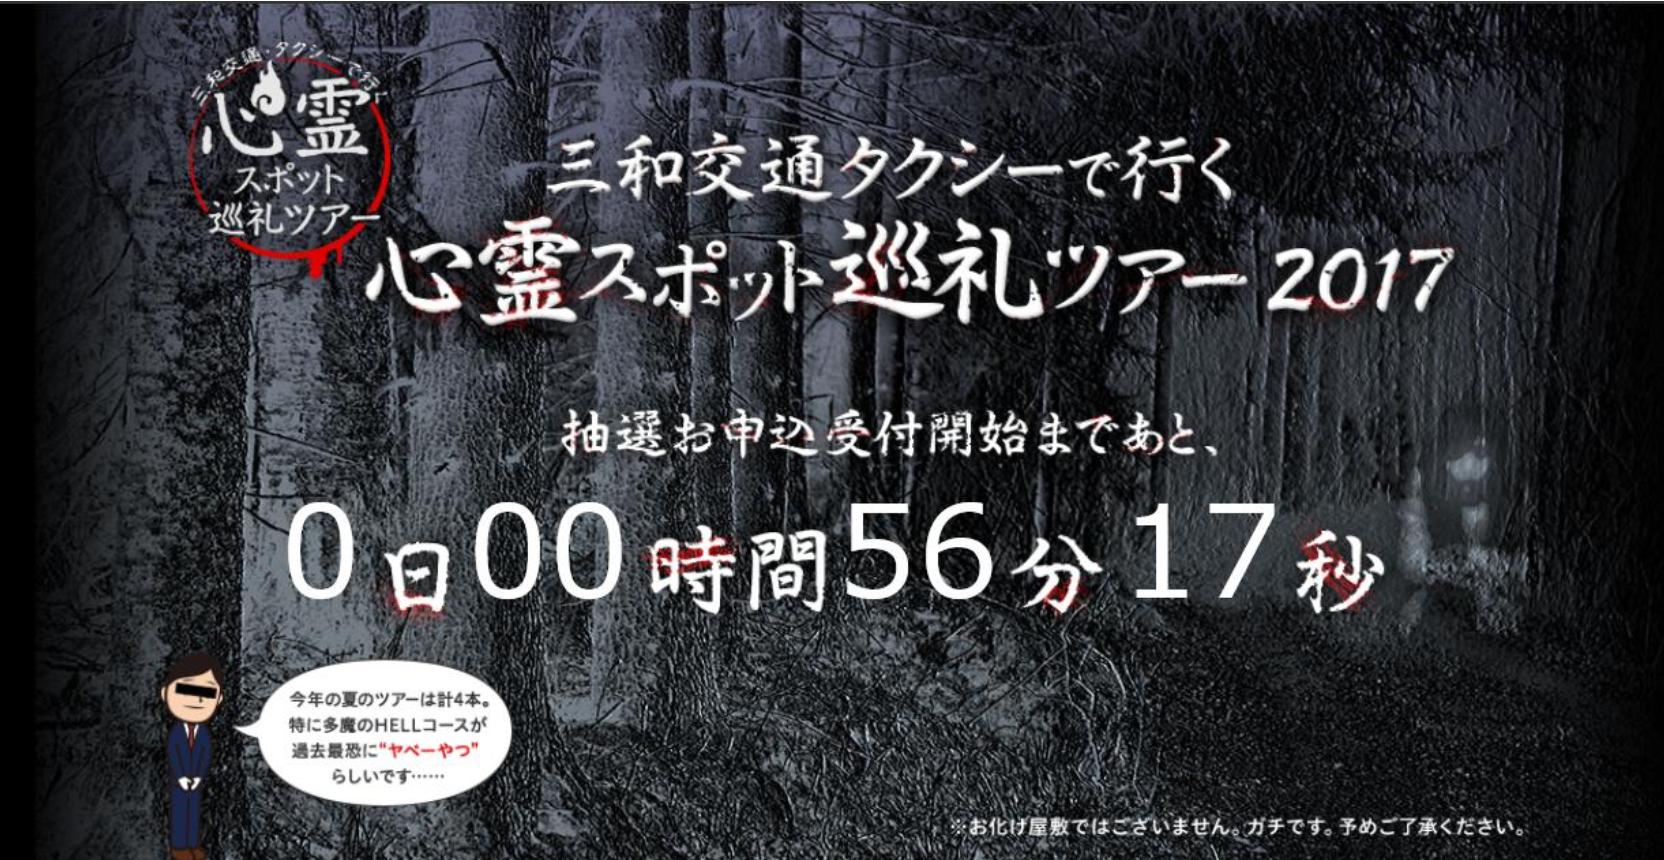 大人気企画 タクシーで行く『心霊スポット巡礼ツアー2017』抽選受付開始!